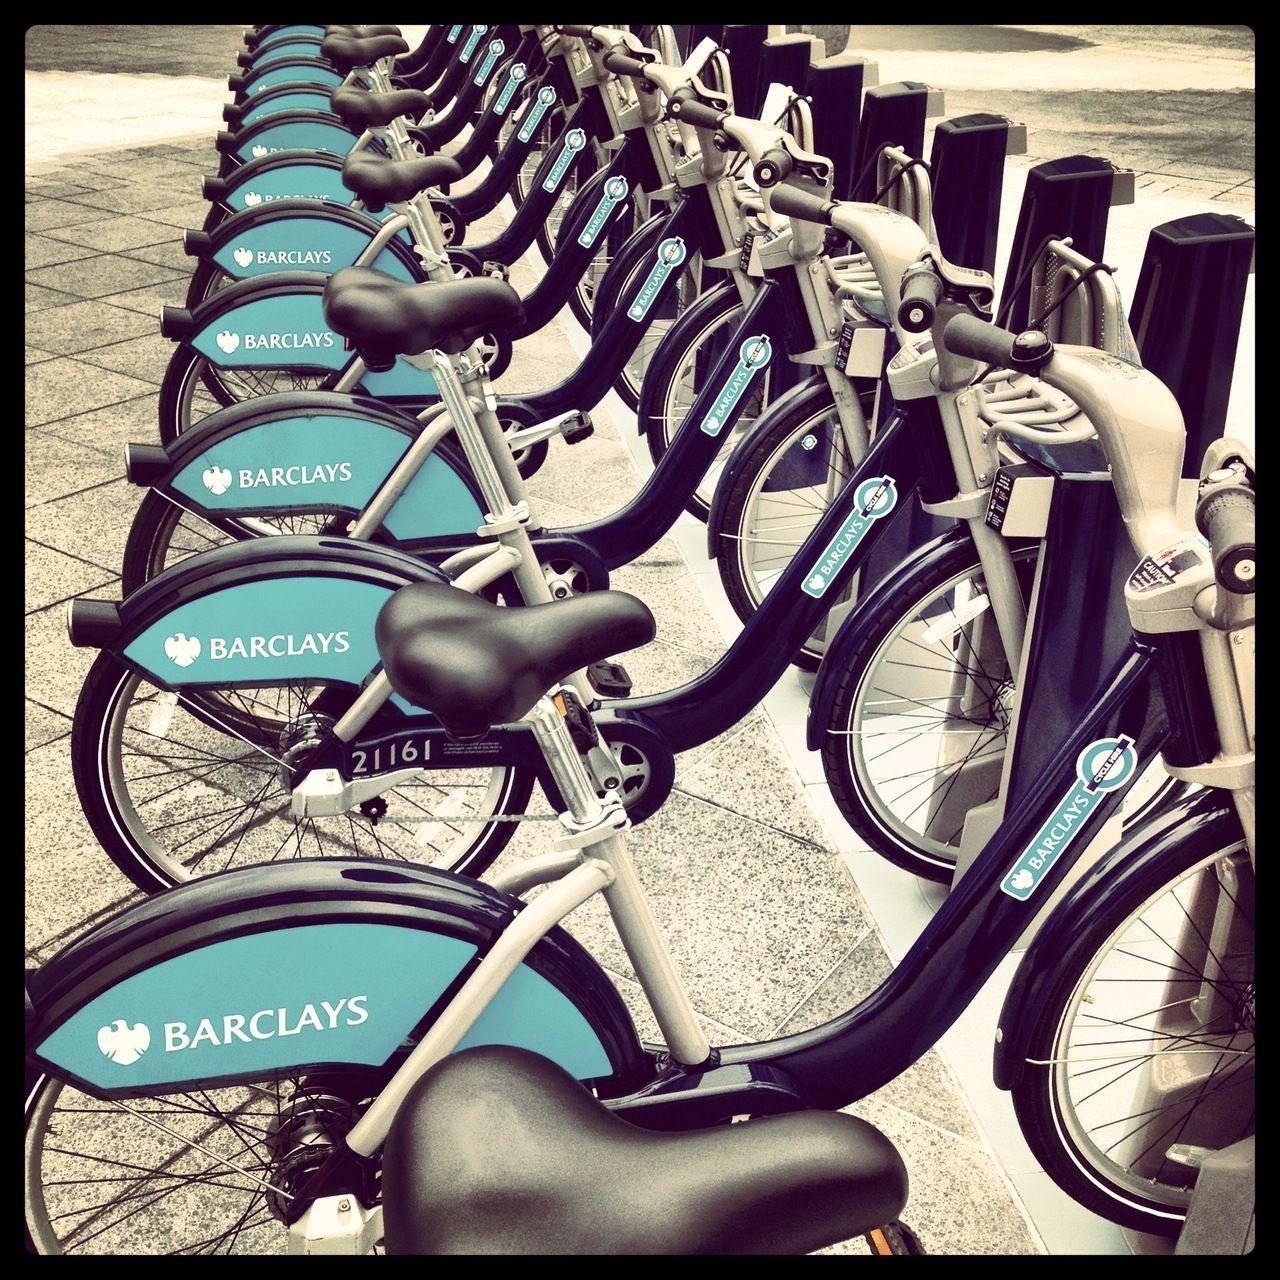 Barclays Cycle Hire Aka Boris Bikes London Bicycle Share Bike